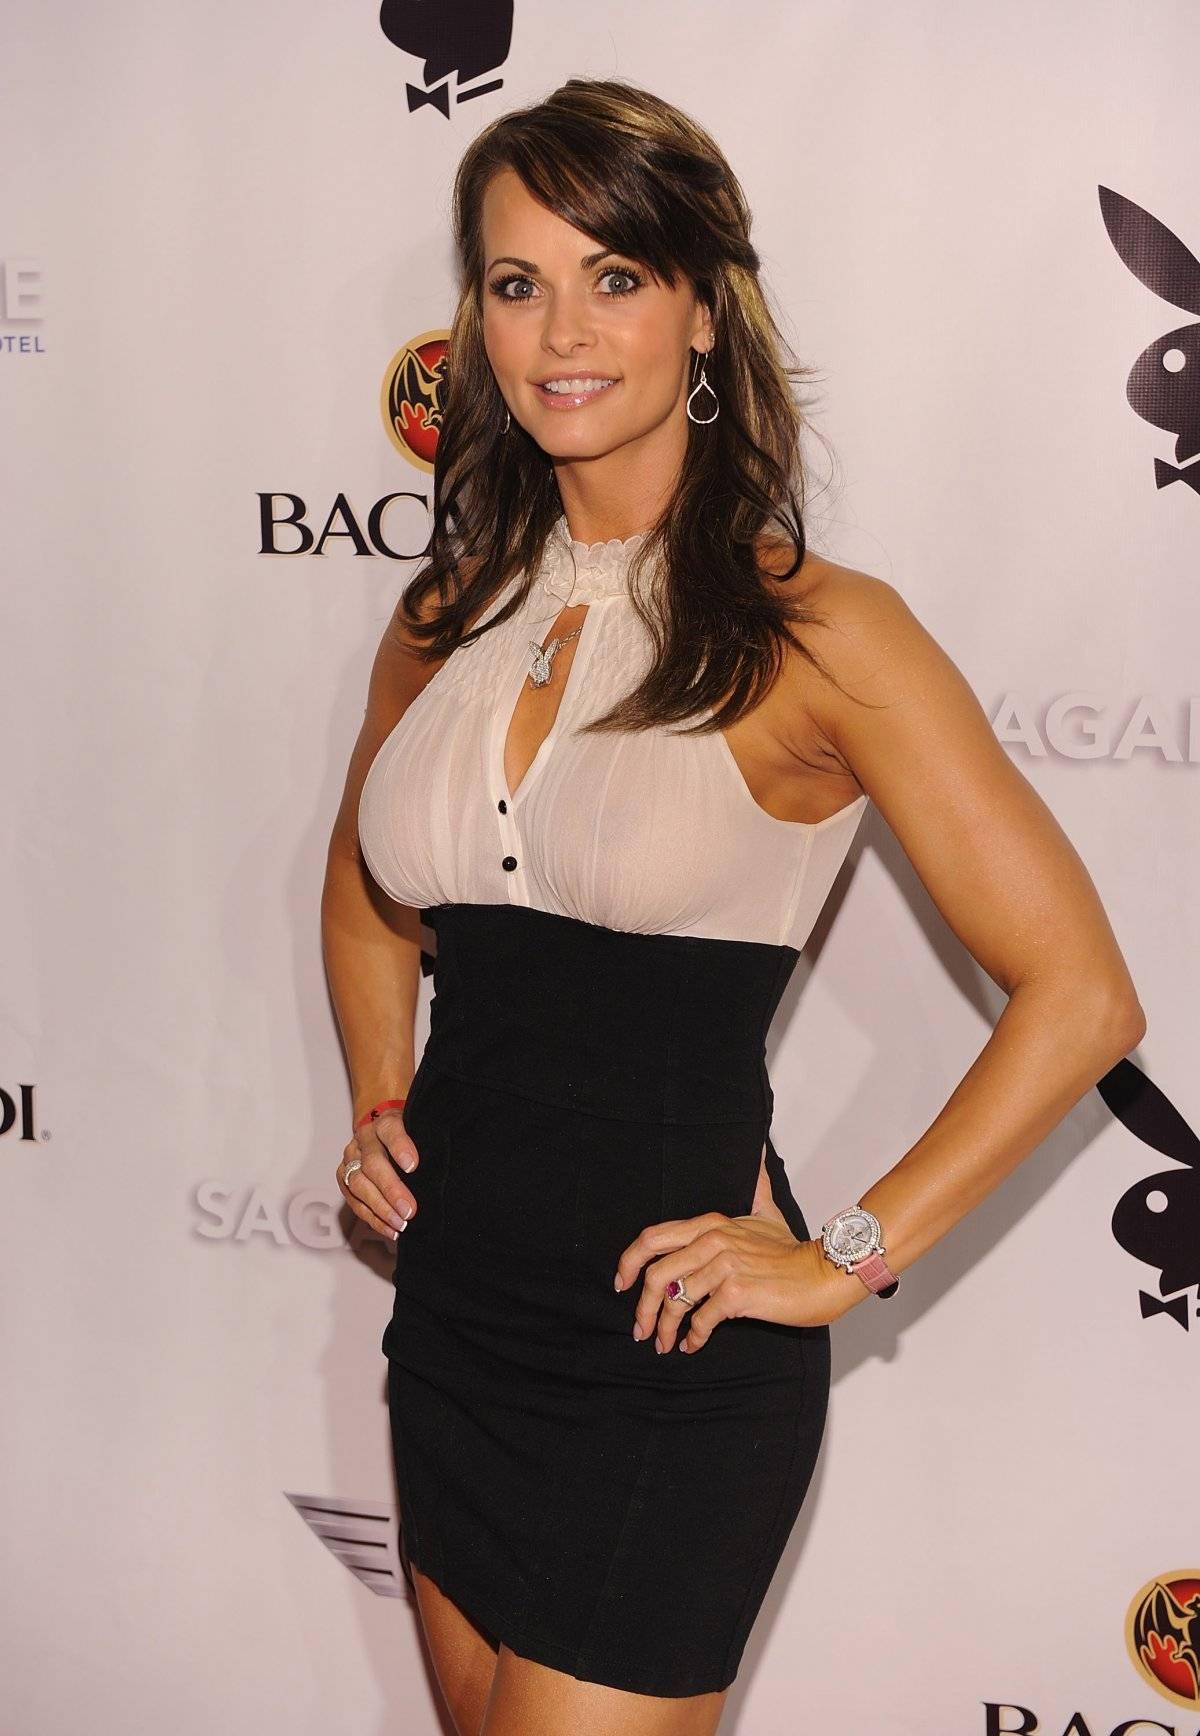 Karen McDougal asiste a la fiesta de Super Saturday Night de Playboy en el Hotel Sagamore el 6 de febrero de 2010 en Miami Beach, Florida.